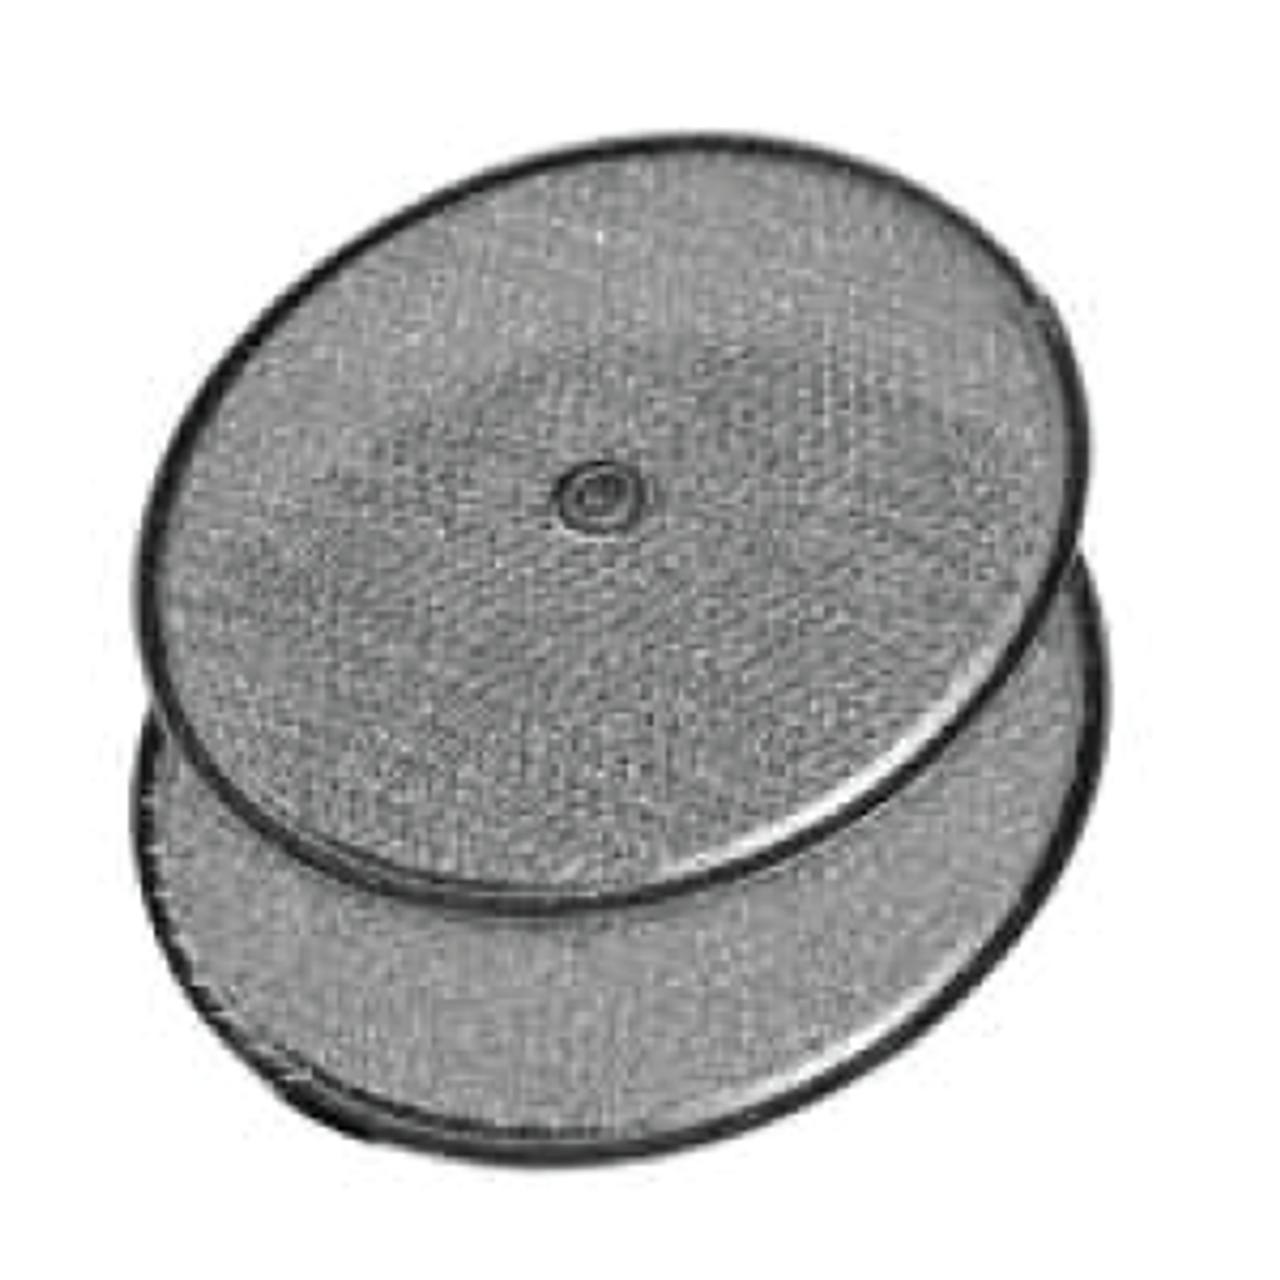 American Metal Filters RRF0903 - 9-1/2 RD X 3/32, W/Grommet